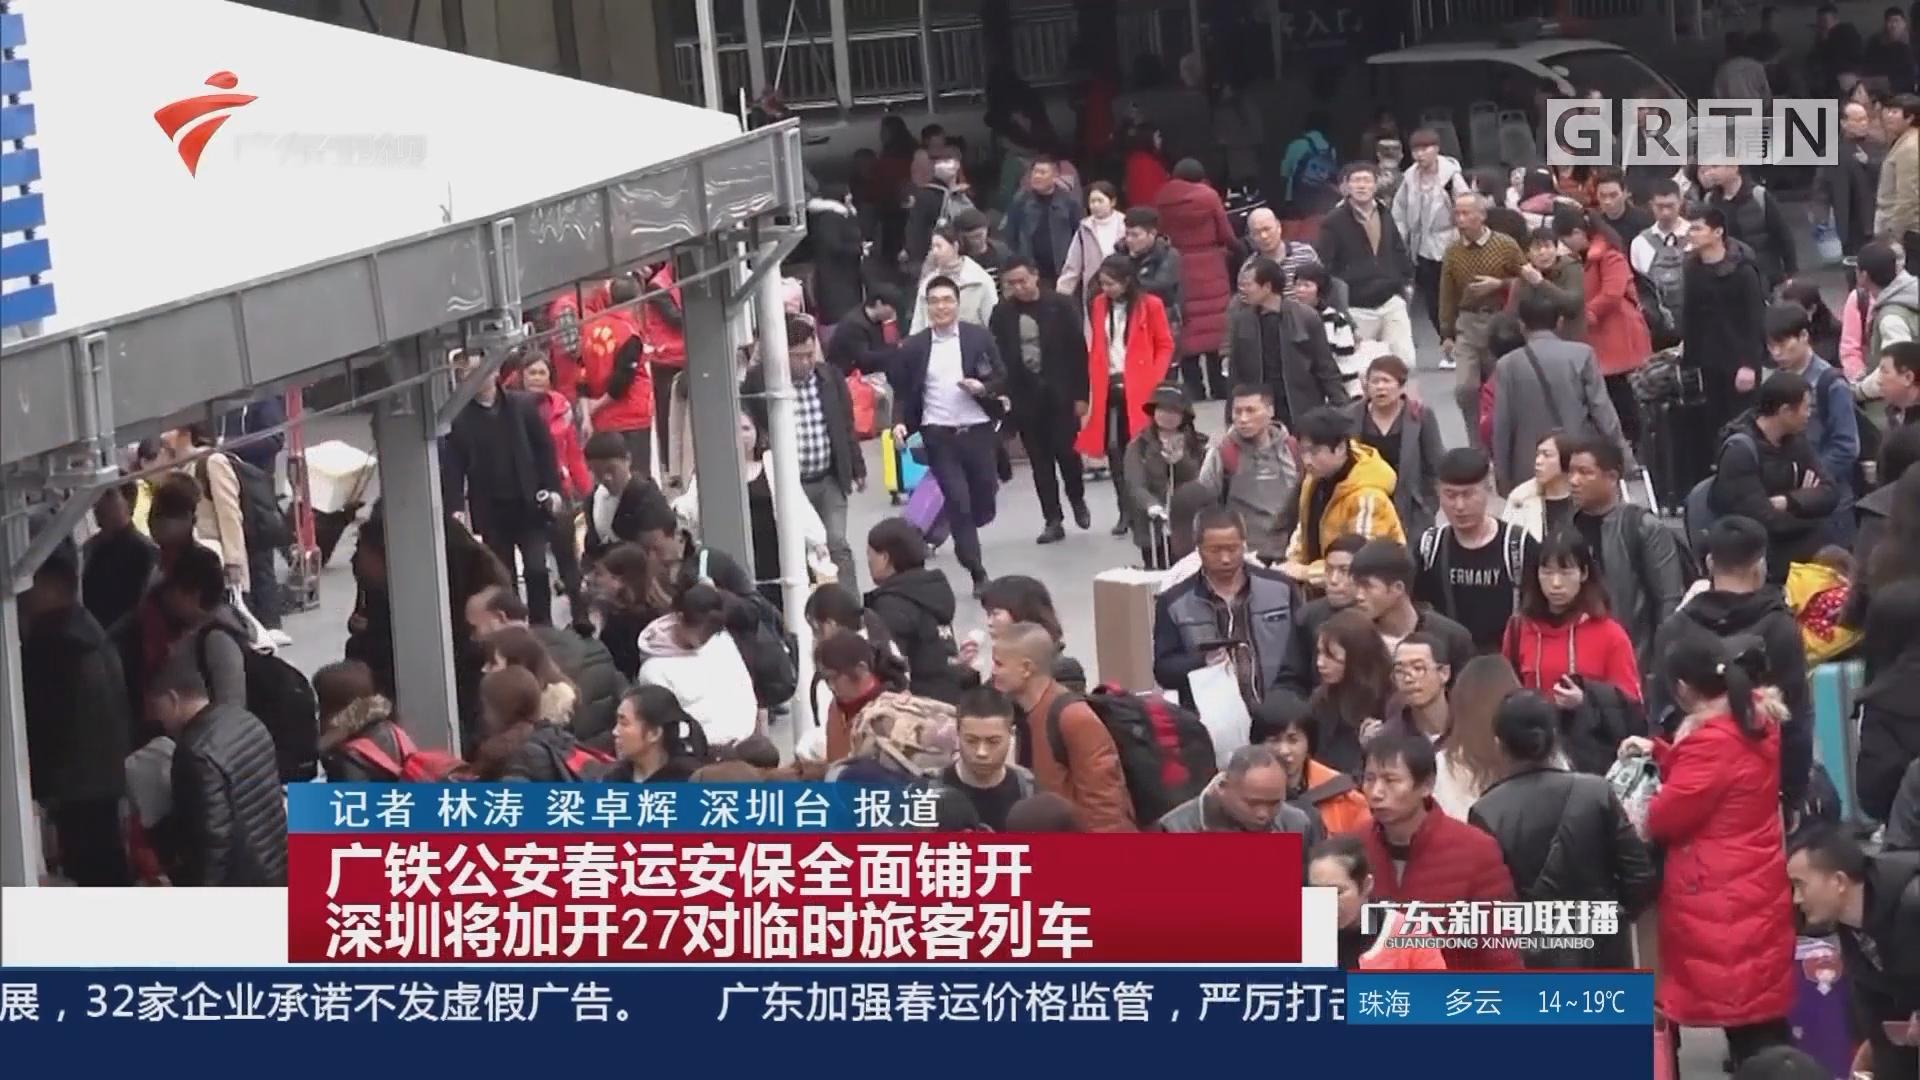 广铁公安春运安保全面铺开 深圳将加开27对临时旅客列车